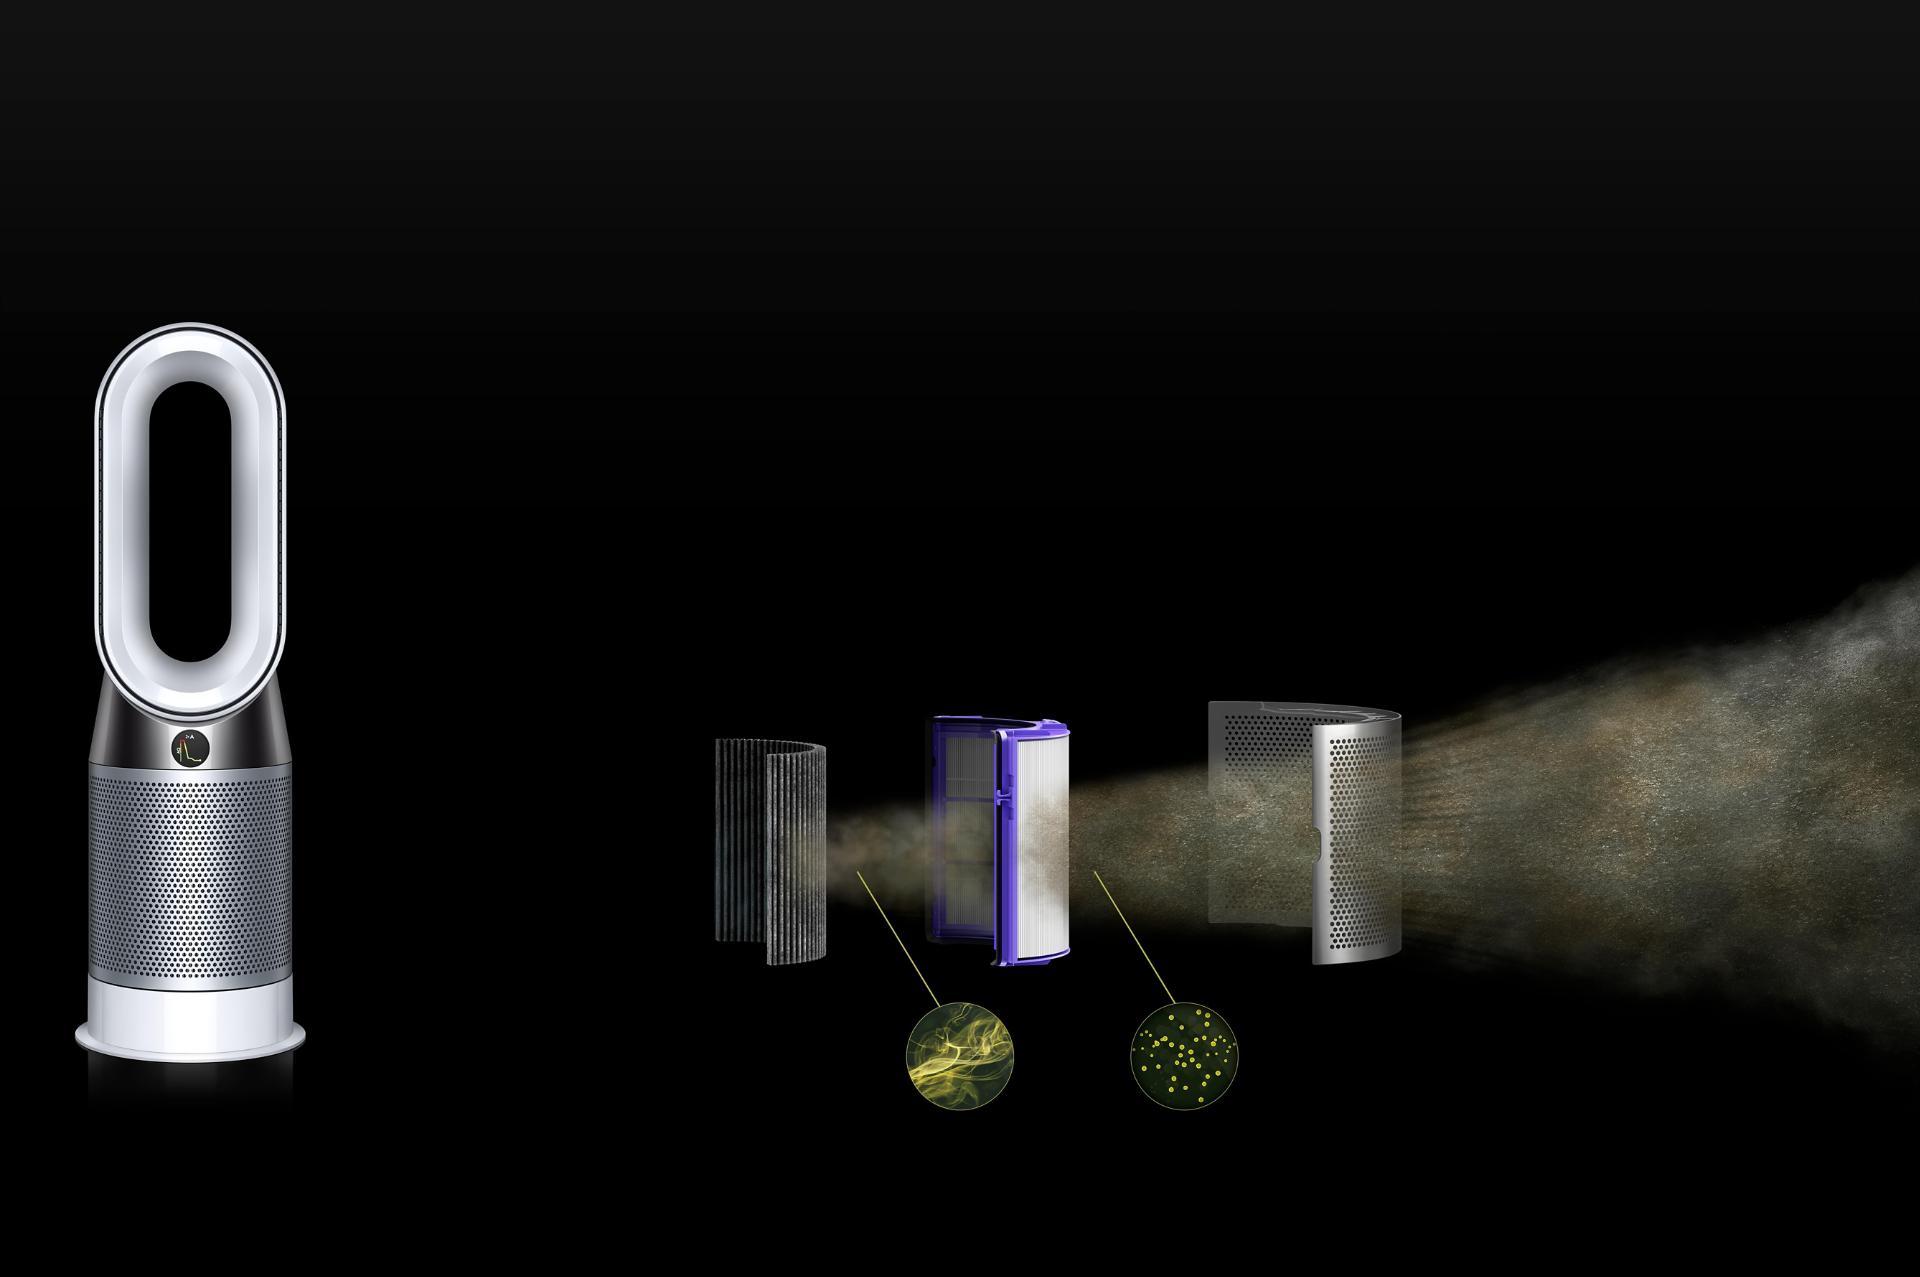 חתך מערכת הסינון של מטהר האוויר של Dyson.